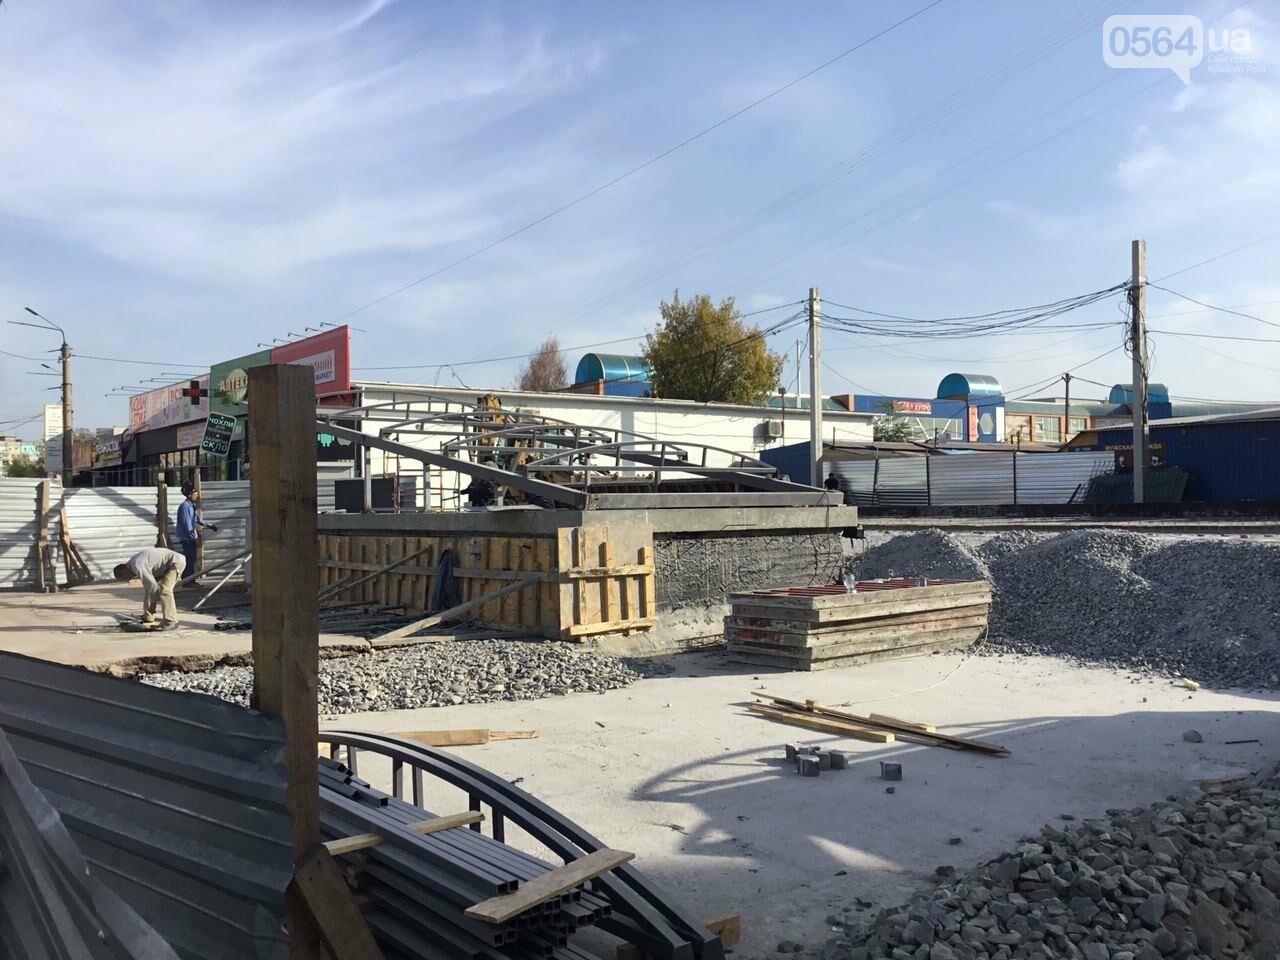 Как проходит реконструкция пешеходного перехода на улице Лермонтова в Кривом Роге, - ФОТО, фото-1